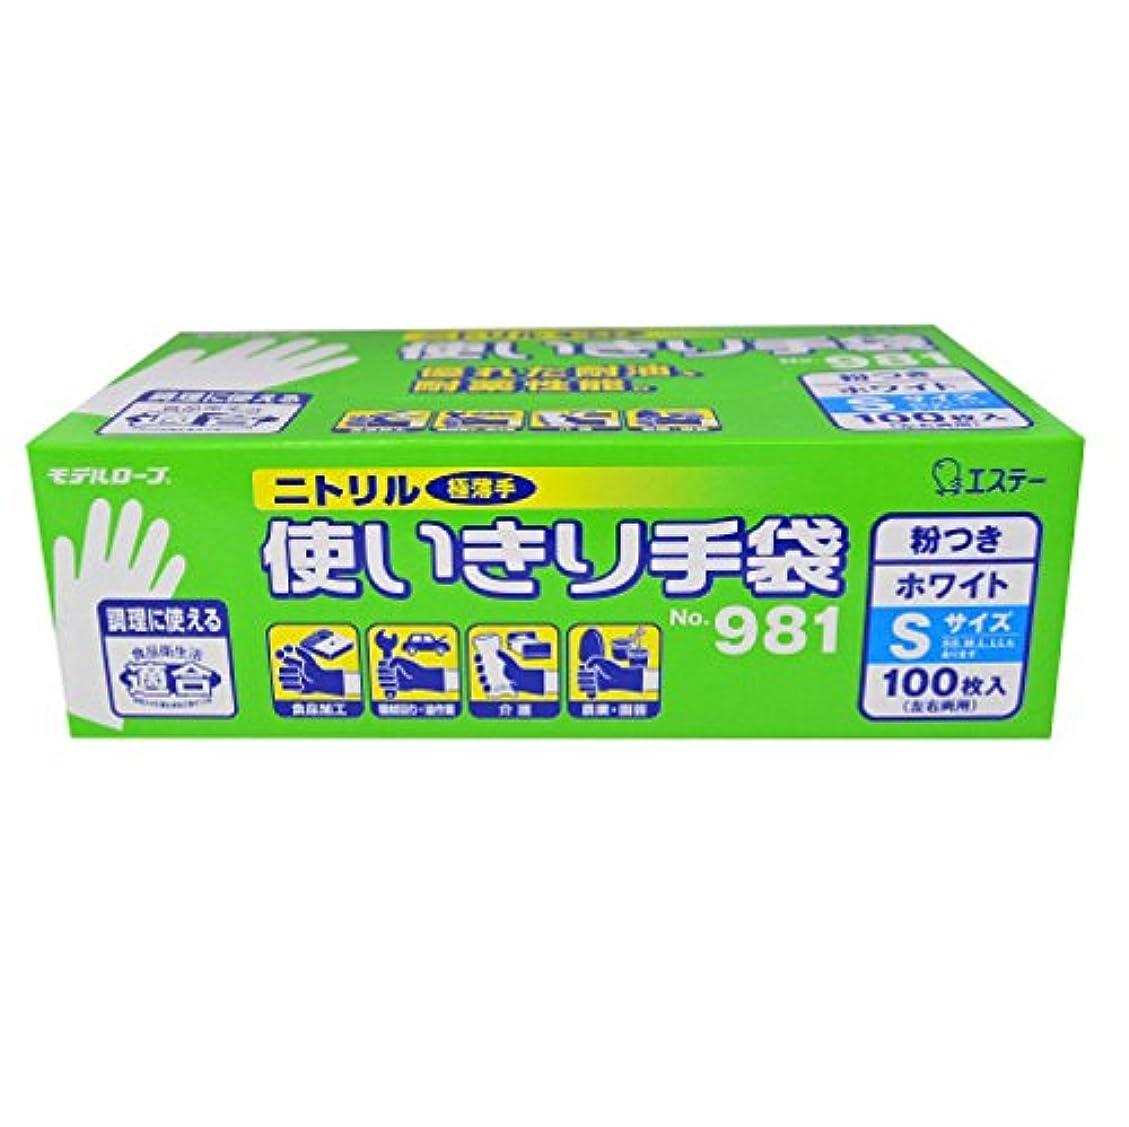 手順予測子運河エステー/ニトリル使いきり手袋 箱入 (粉つき) [100枚入]/品番:981 サイズ:M カラー:ブルー